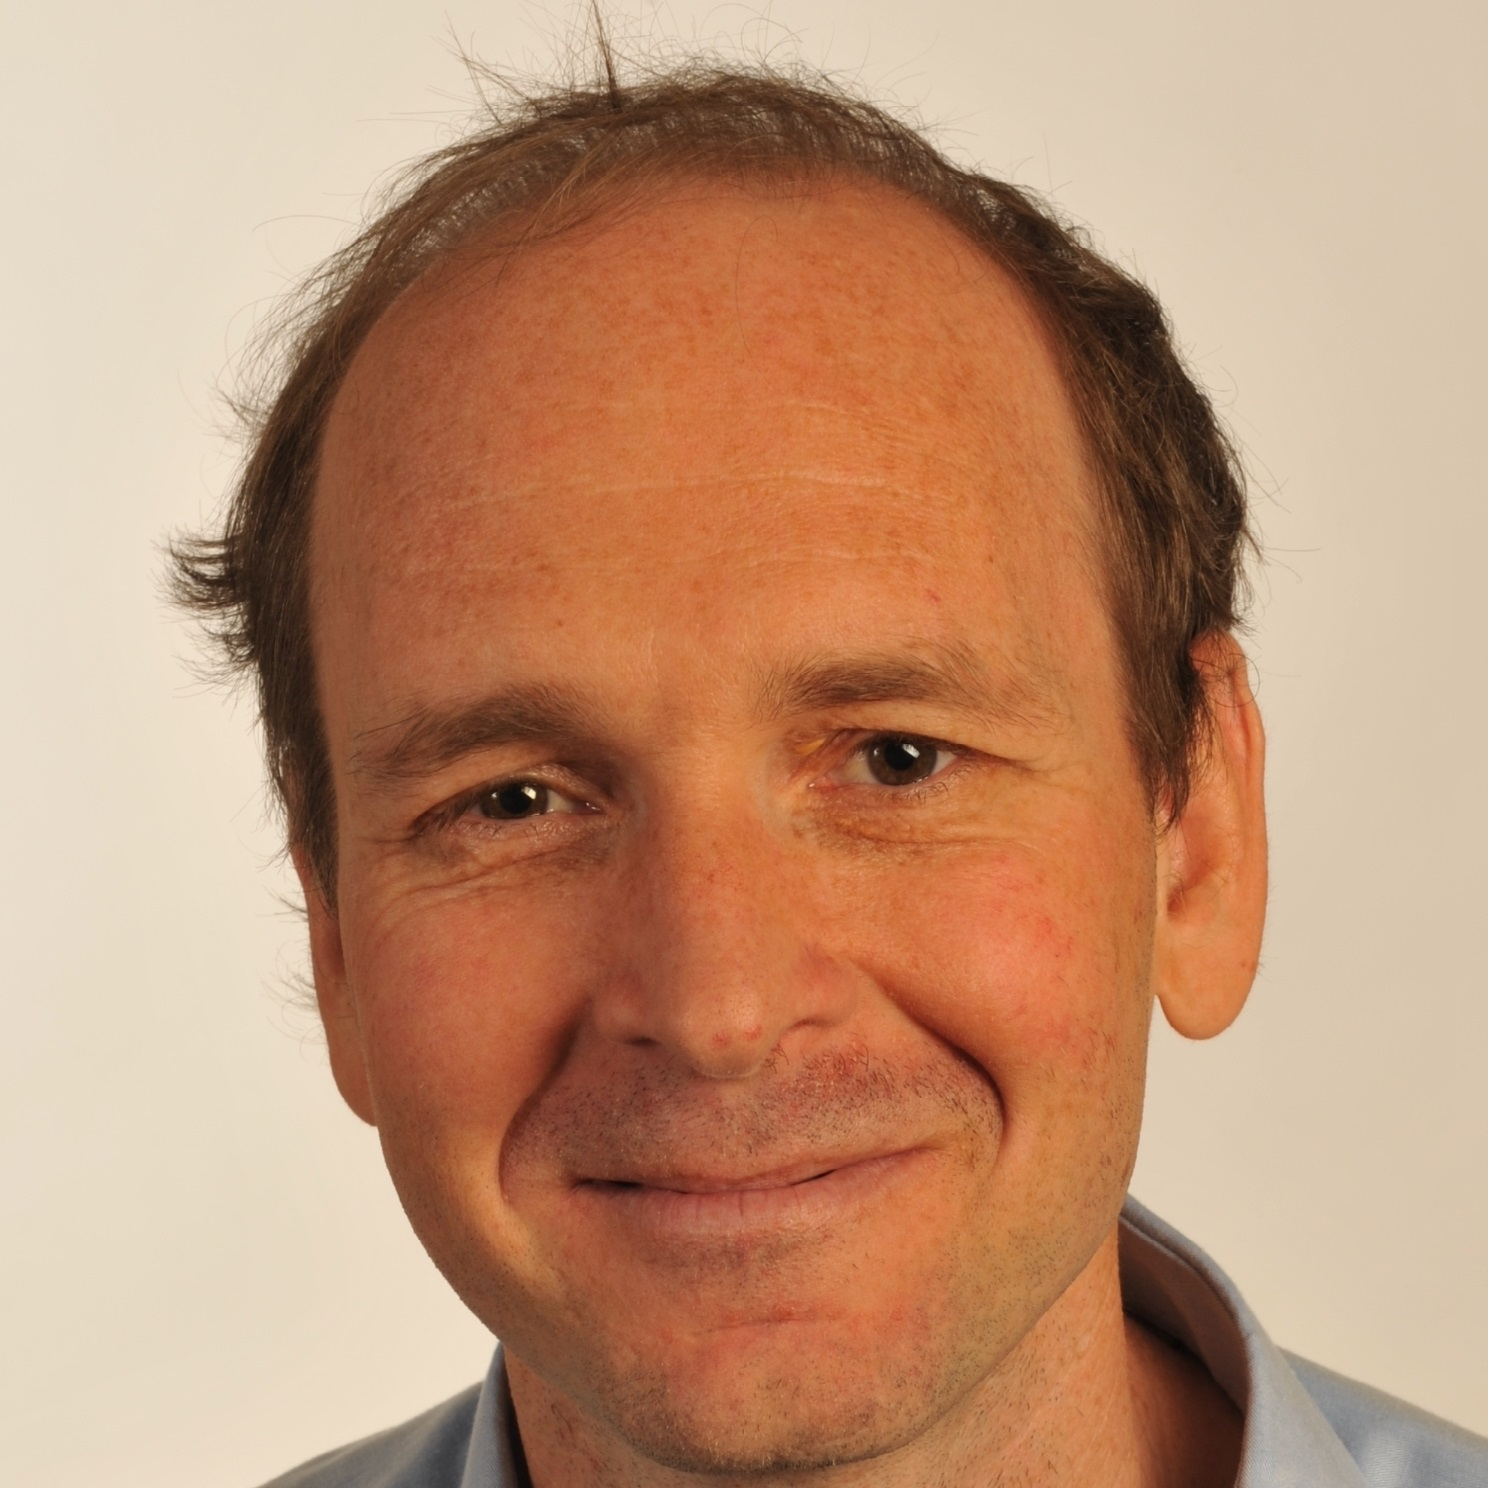 Marc Laperrouza